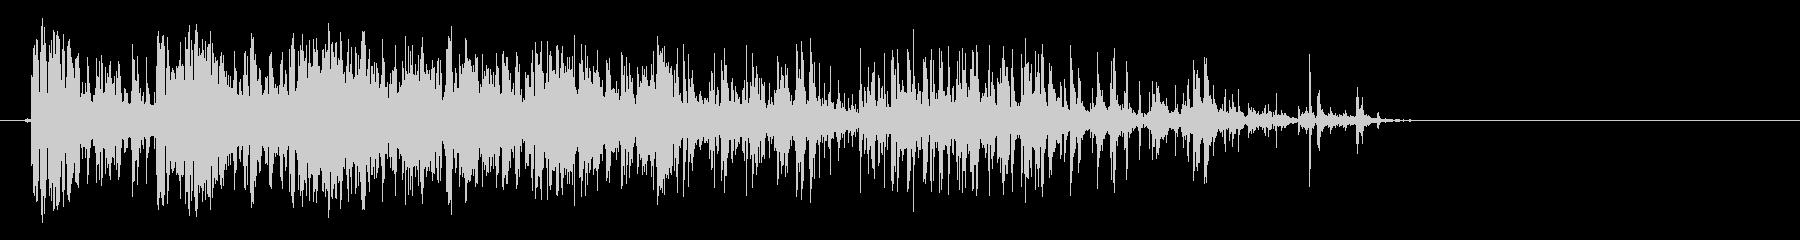 ヘビーウッドデブリドリップウッドヒットの未再生の波形